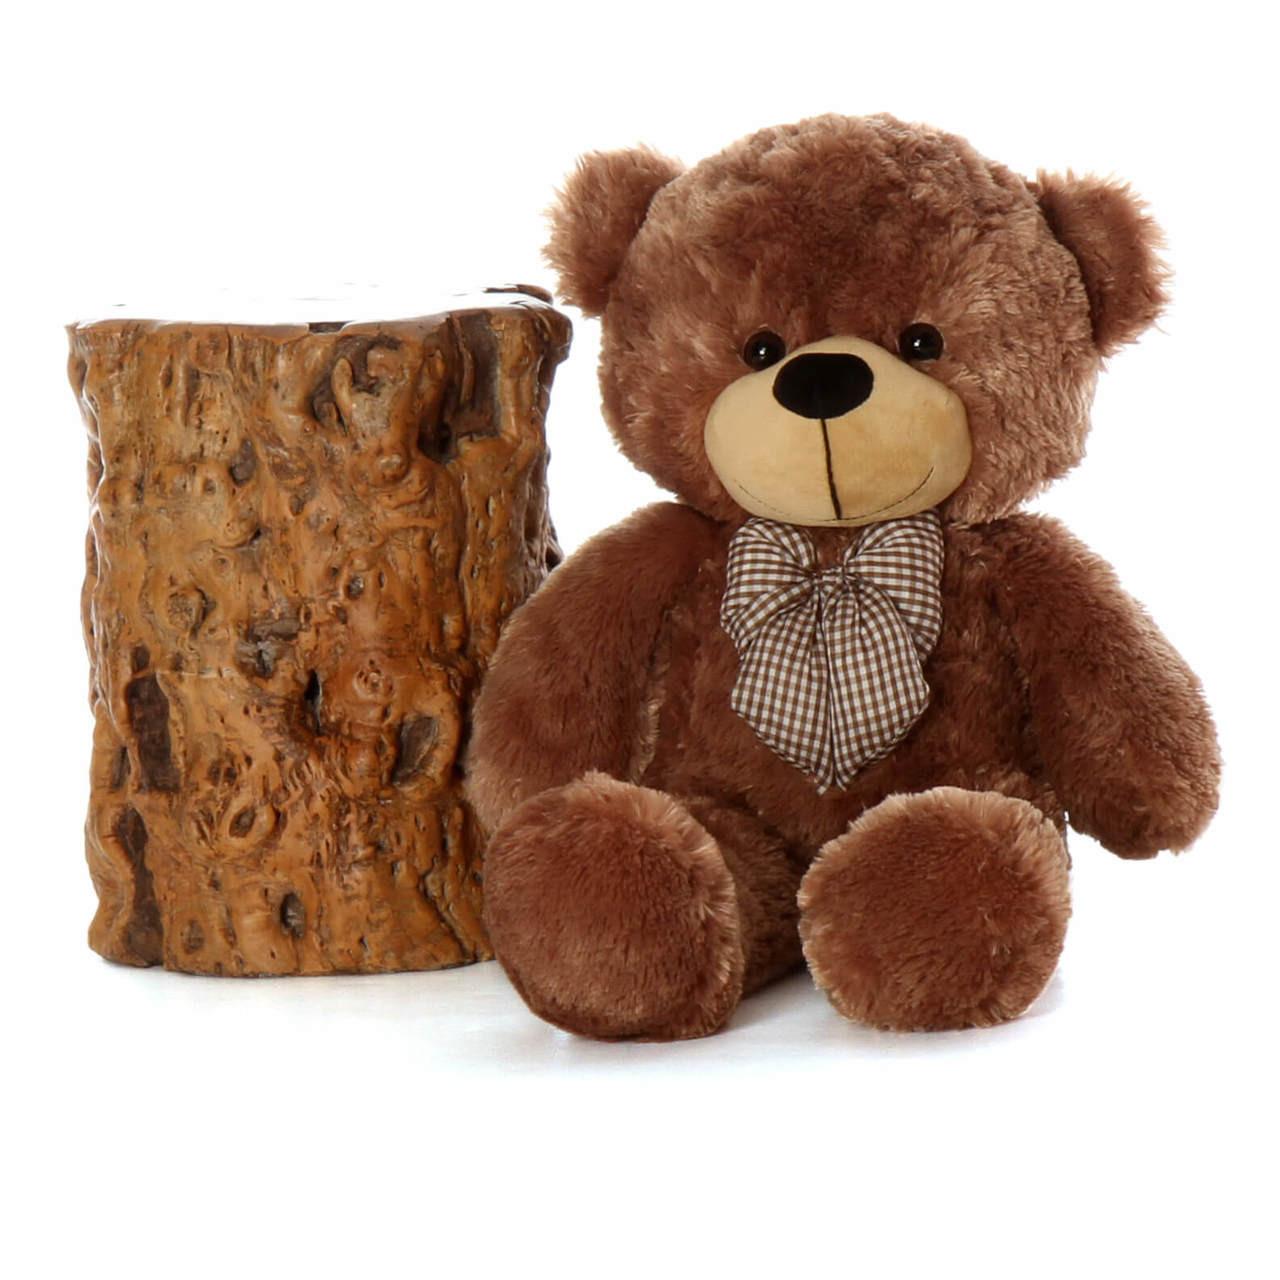 30in Giant Teddy Bear Sunny Cuddles Soft Cuddly Mocha Brown Fur